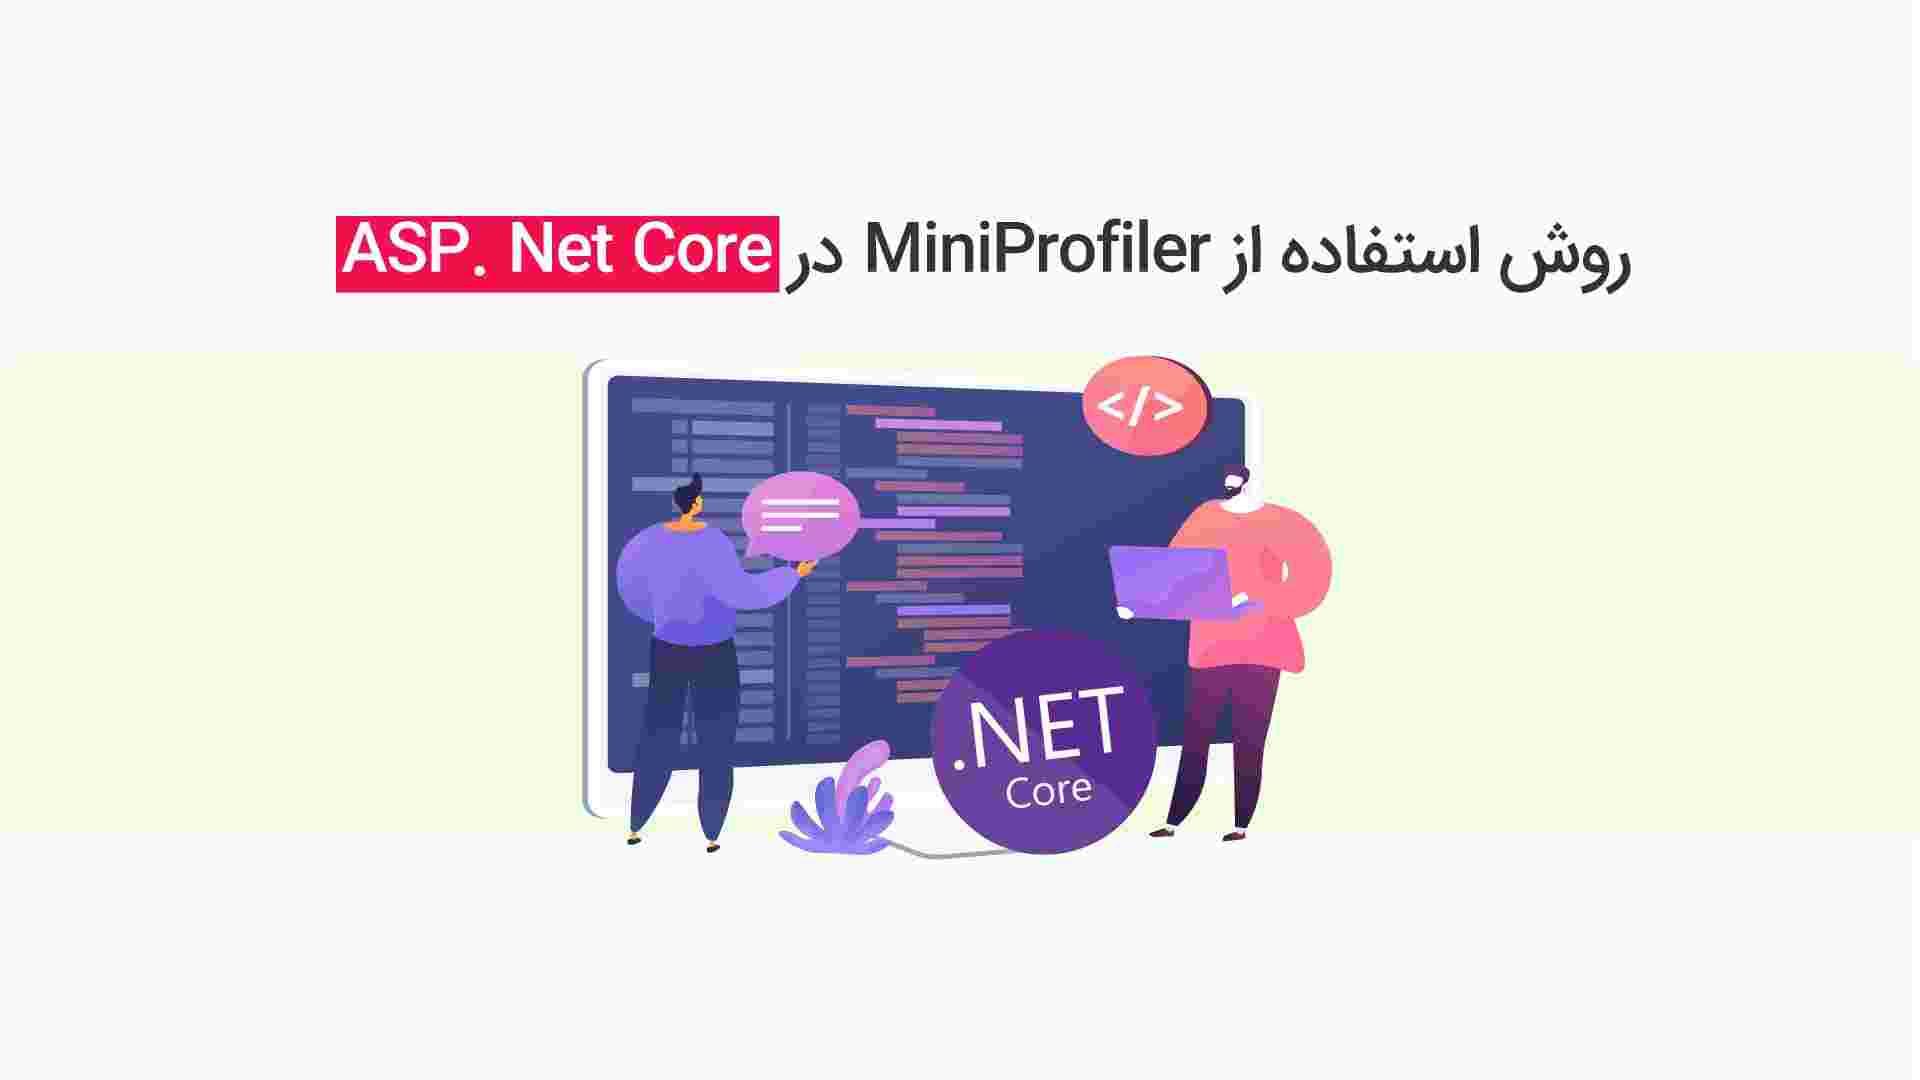 روش استفاده از MiniProfiler در ASP. Net Core